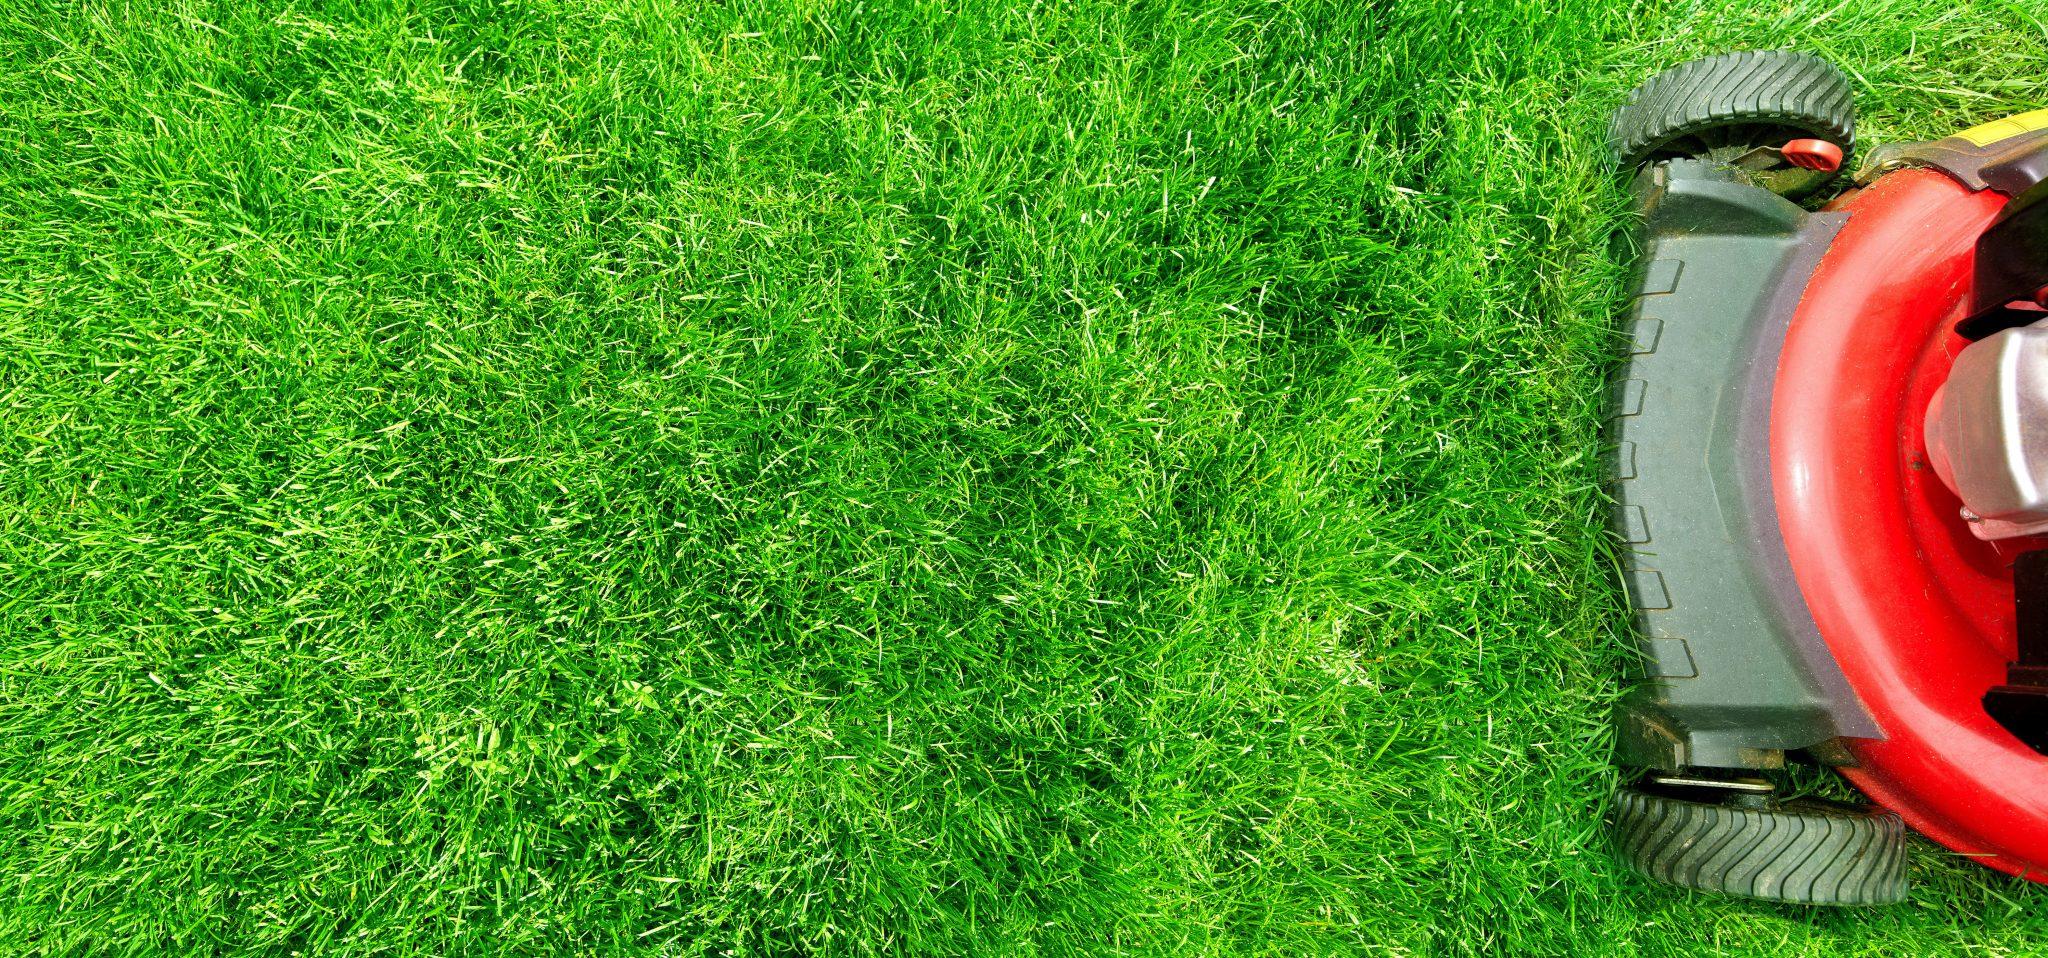 lawn services in arlington tx